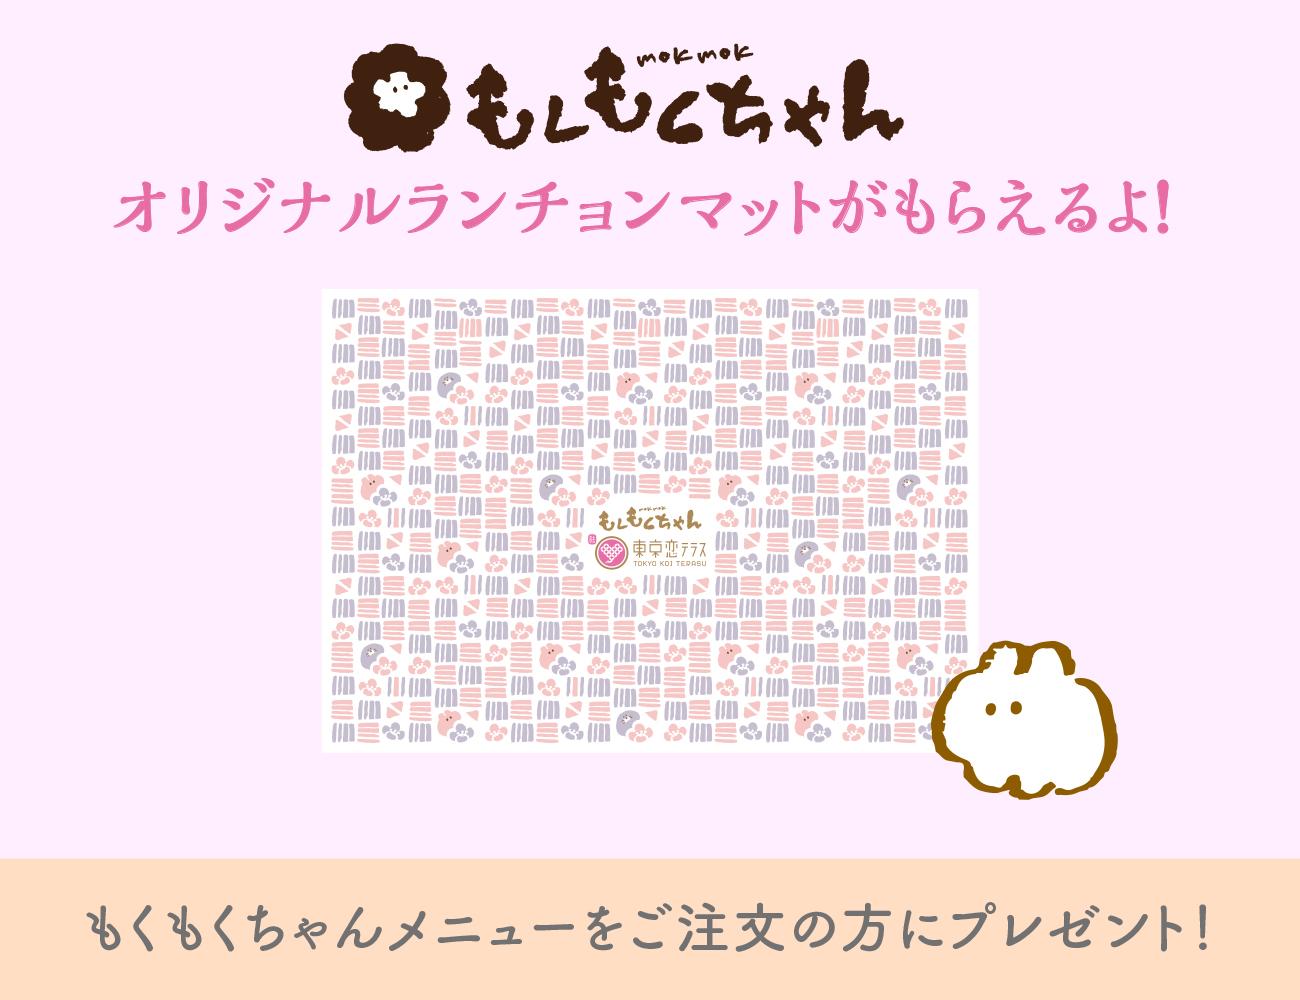 もくもくちゃんコラボカフェ、7/31〜8/31までお台場にオープン!